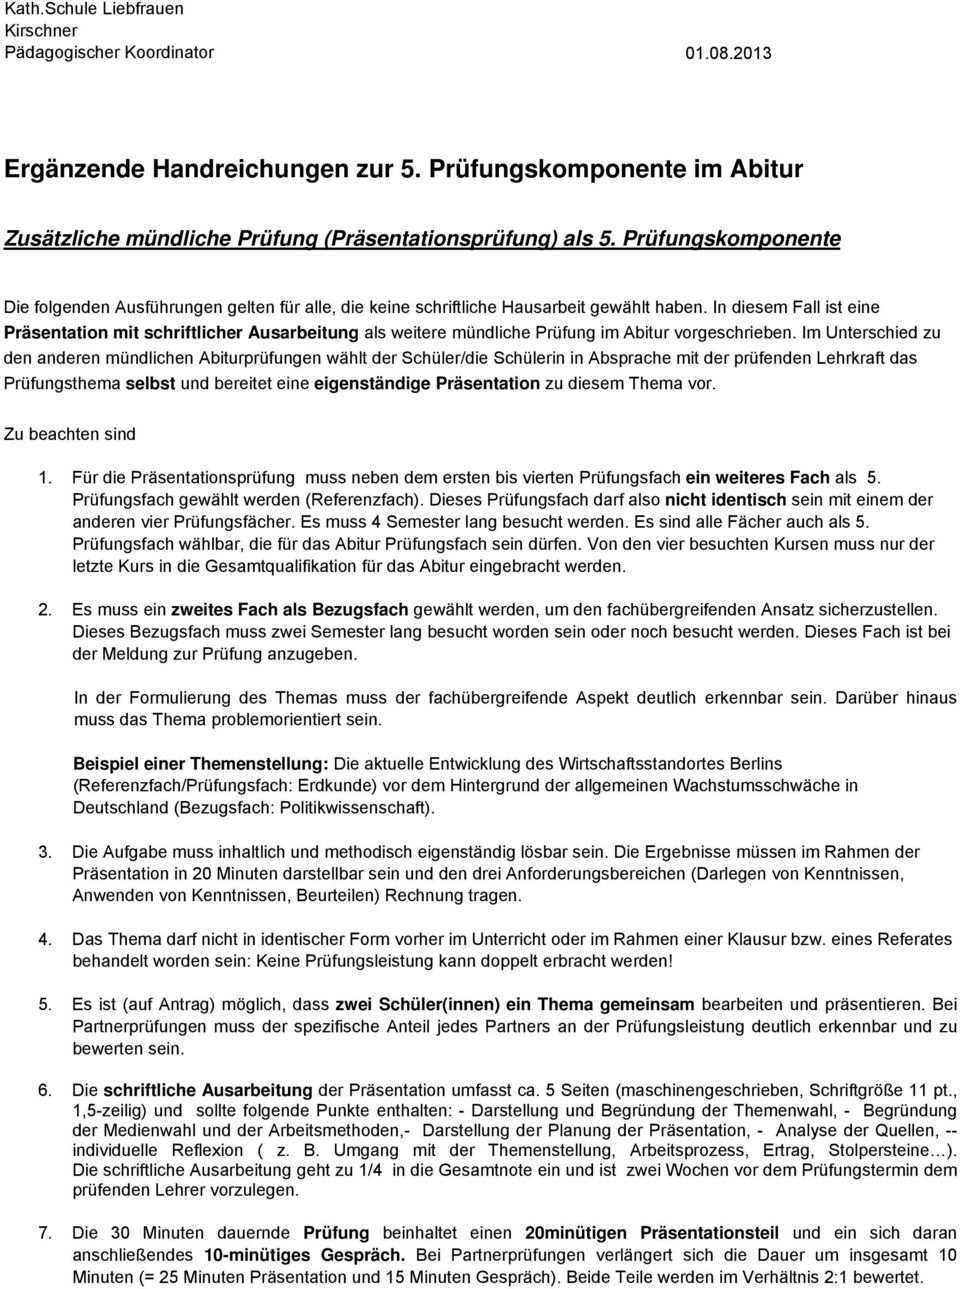 Erganzende Handreichungen Zur 5 Prufungskomponente Im Abitur Pdf Free Download